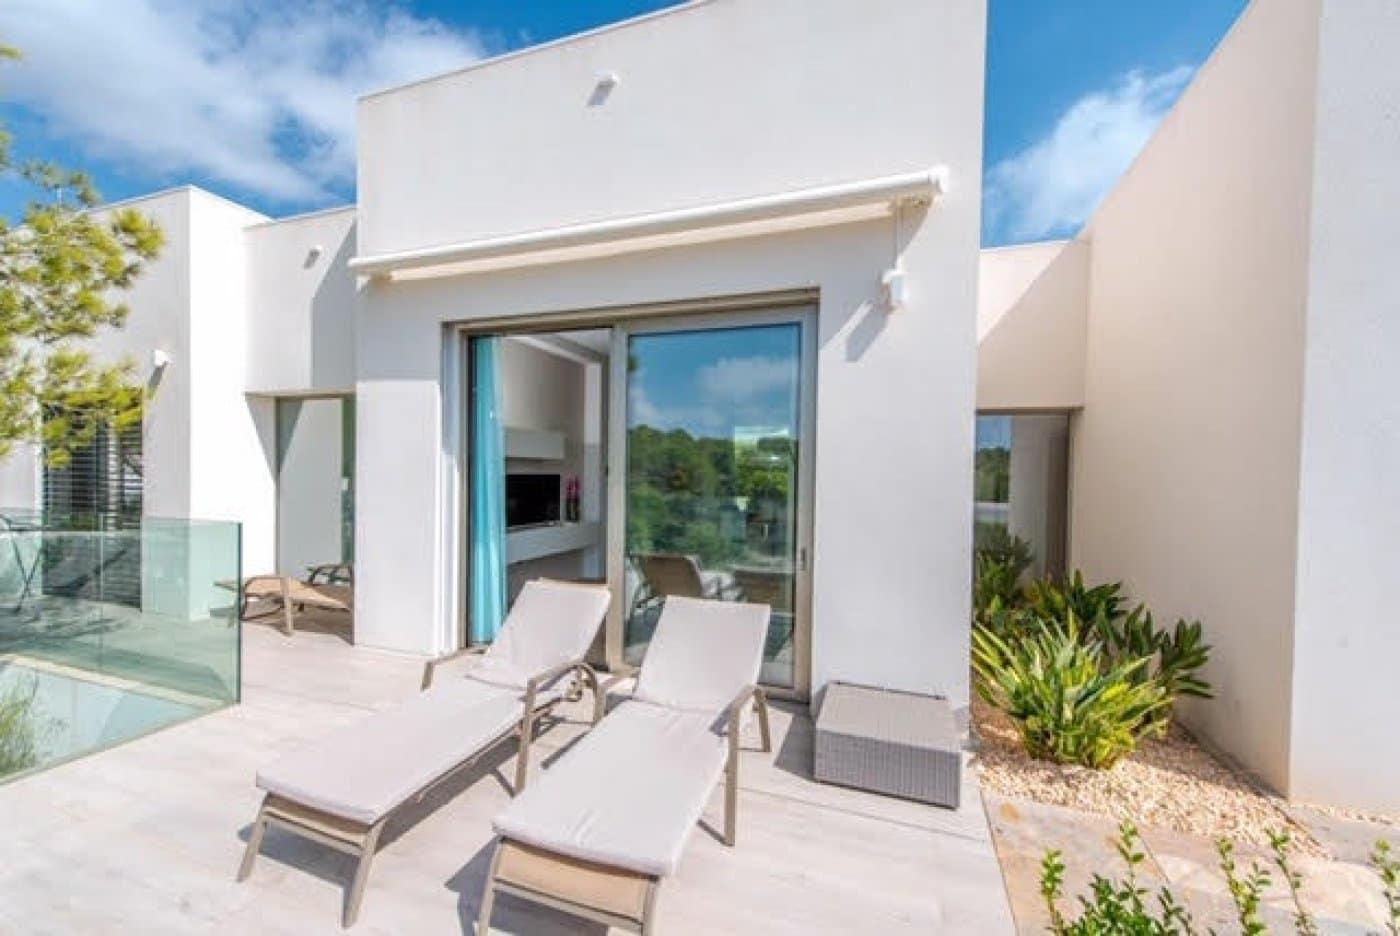 Chalet de 4 habitaciones en Las Colinas Golf en venta con piscina - 675.000 € (Ref: 5033903)